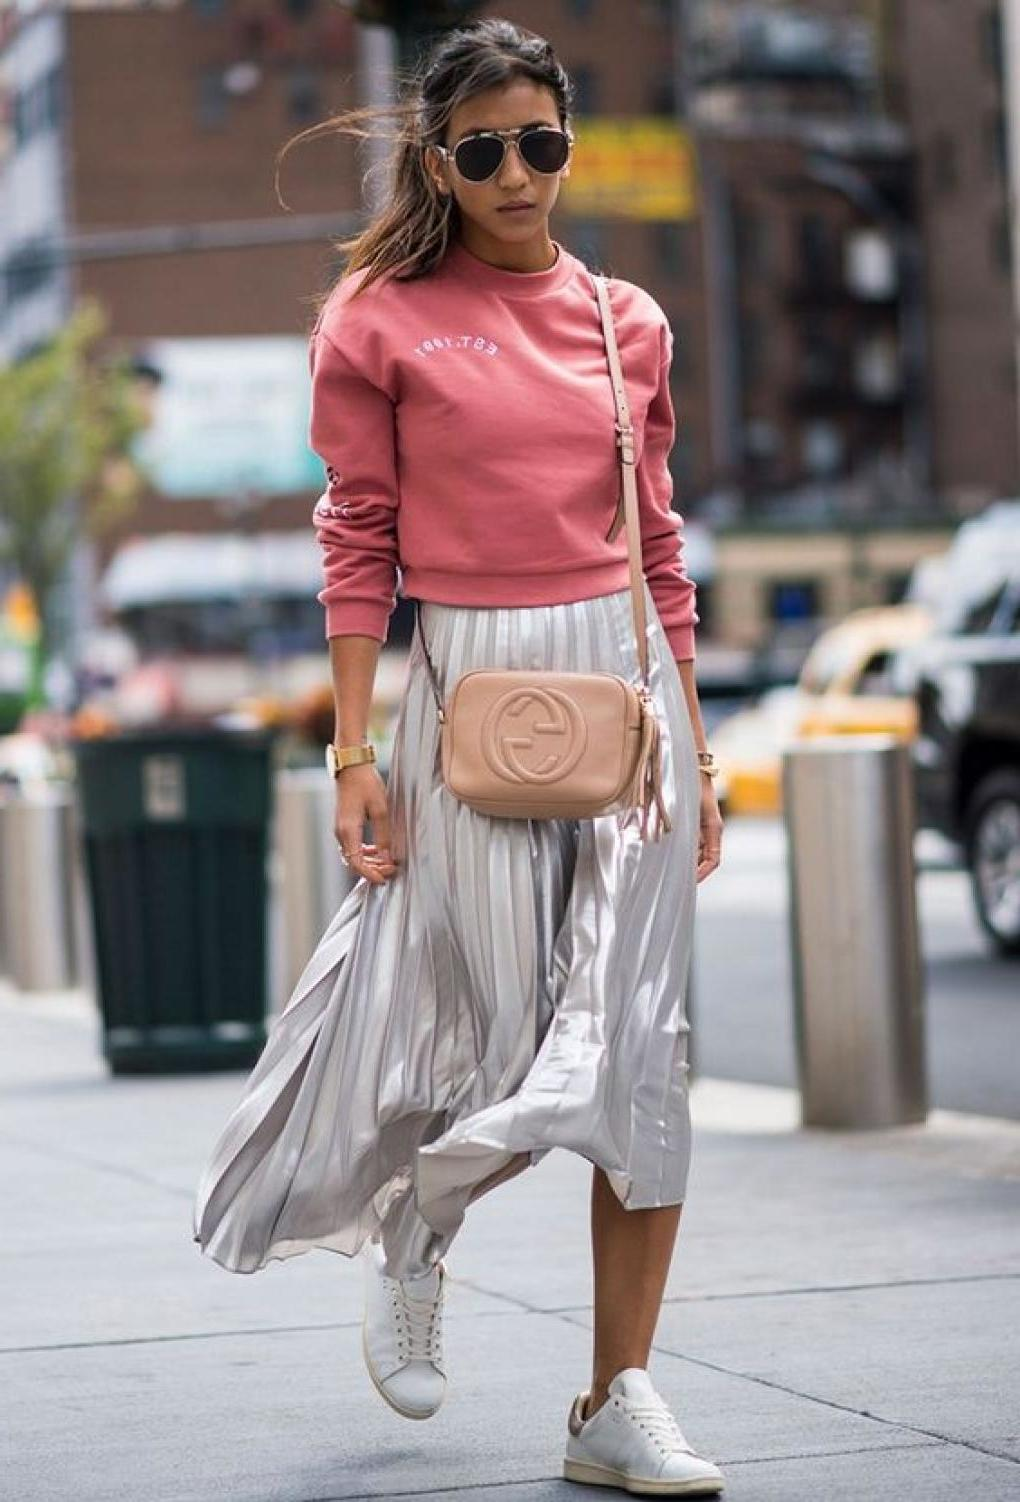 Modetrends 2018: Italienische Mode Marken empfehlen die Röcke mit Plissee